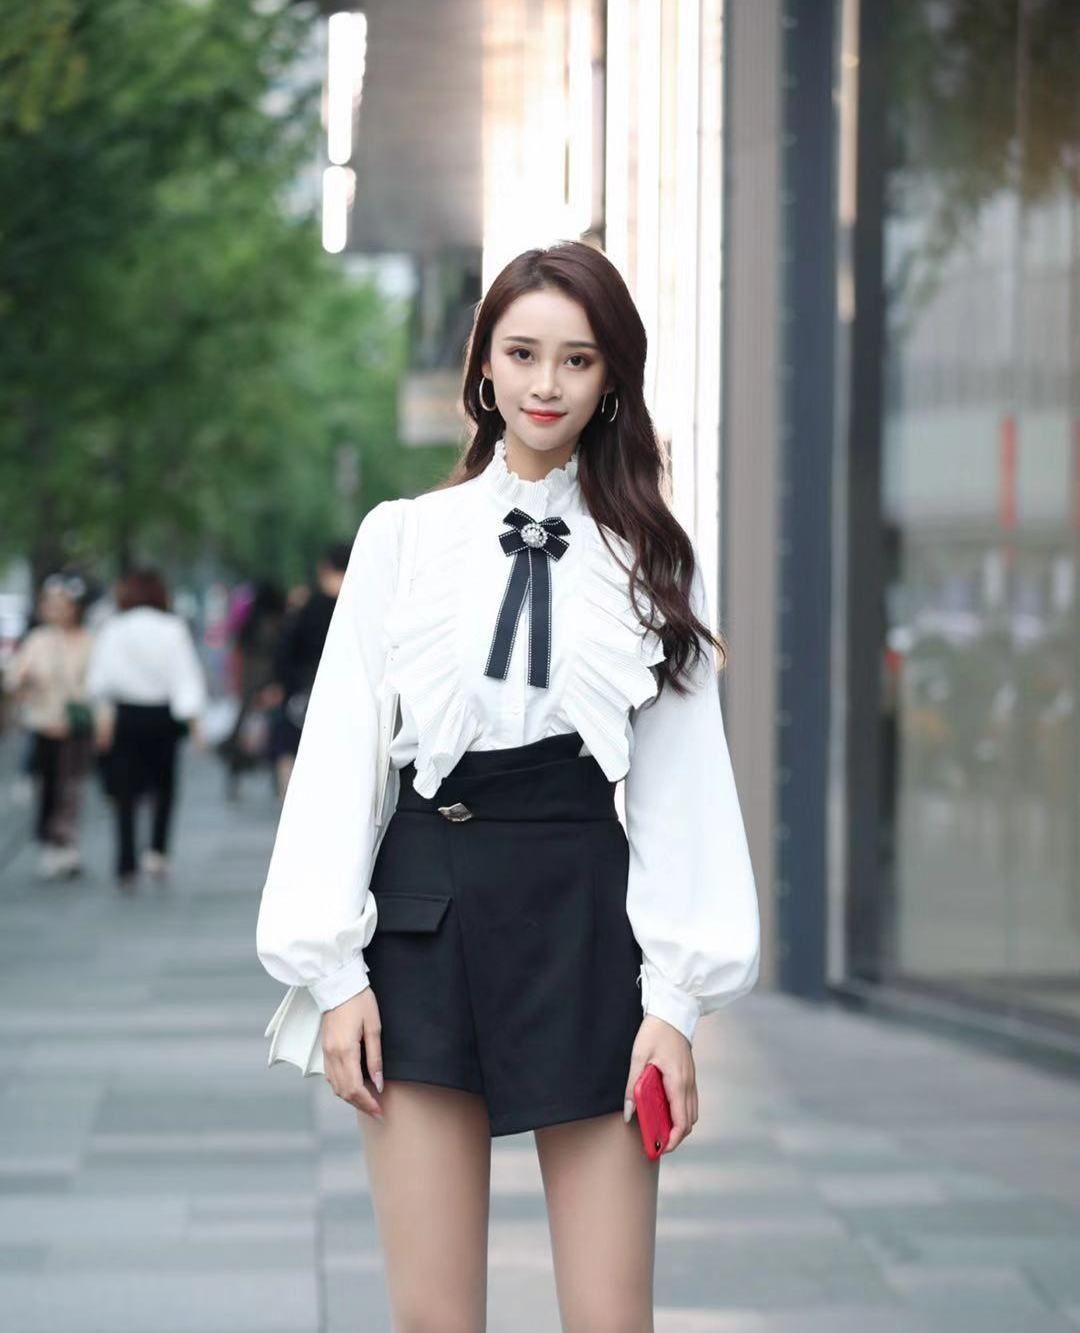 街拍,小姐姐白色荷叶边衬衫搭配黑色短裙,长发披肩笑容甜美